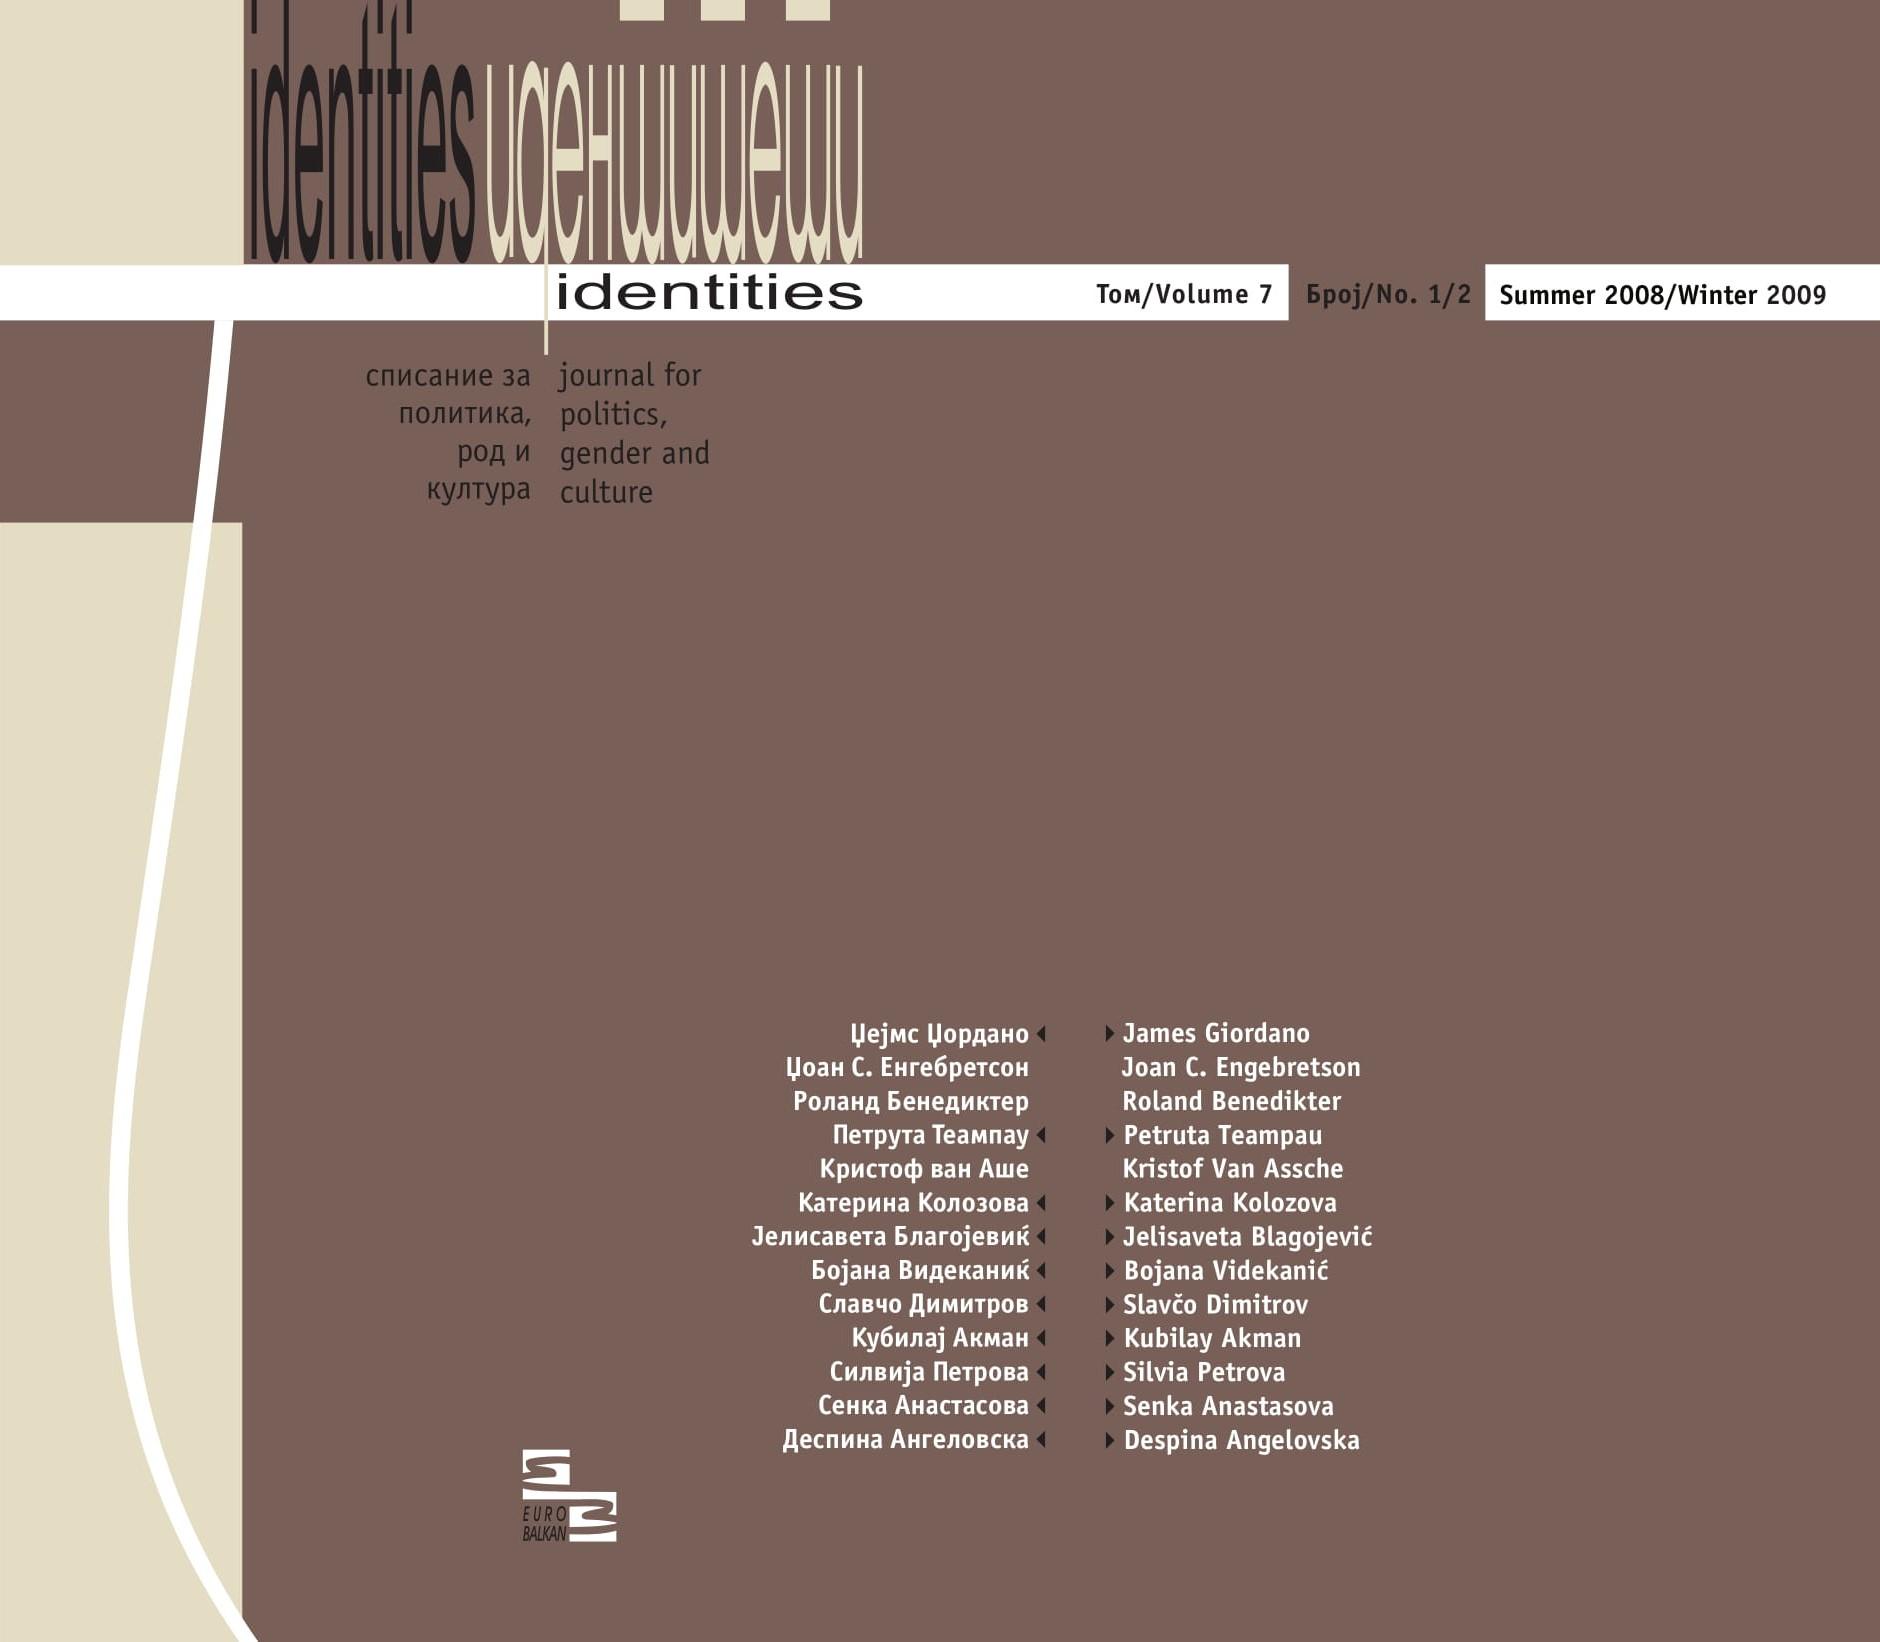 View Vol. 7 No. 1-2 (2008): Vol. 7, No. 1-2 (Summer 2008 - Winter 2009) - Issues No. 15-16